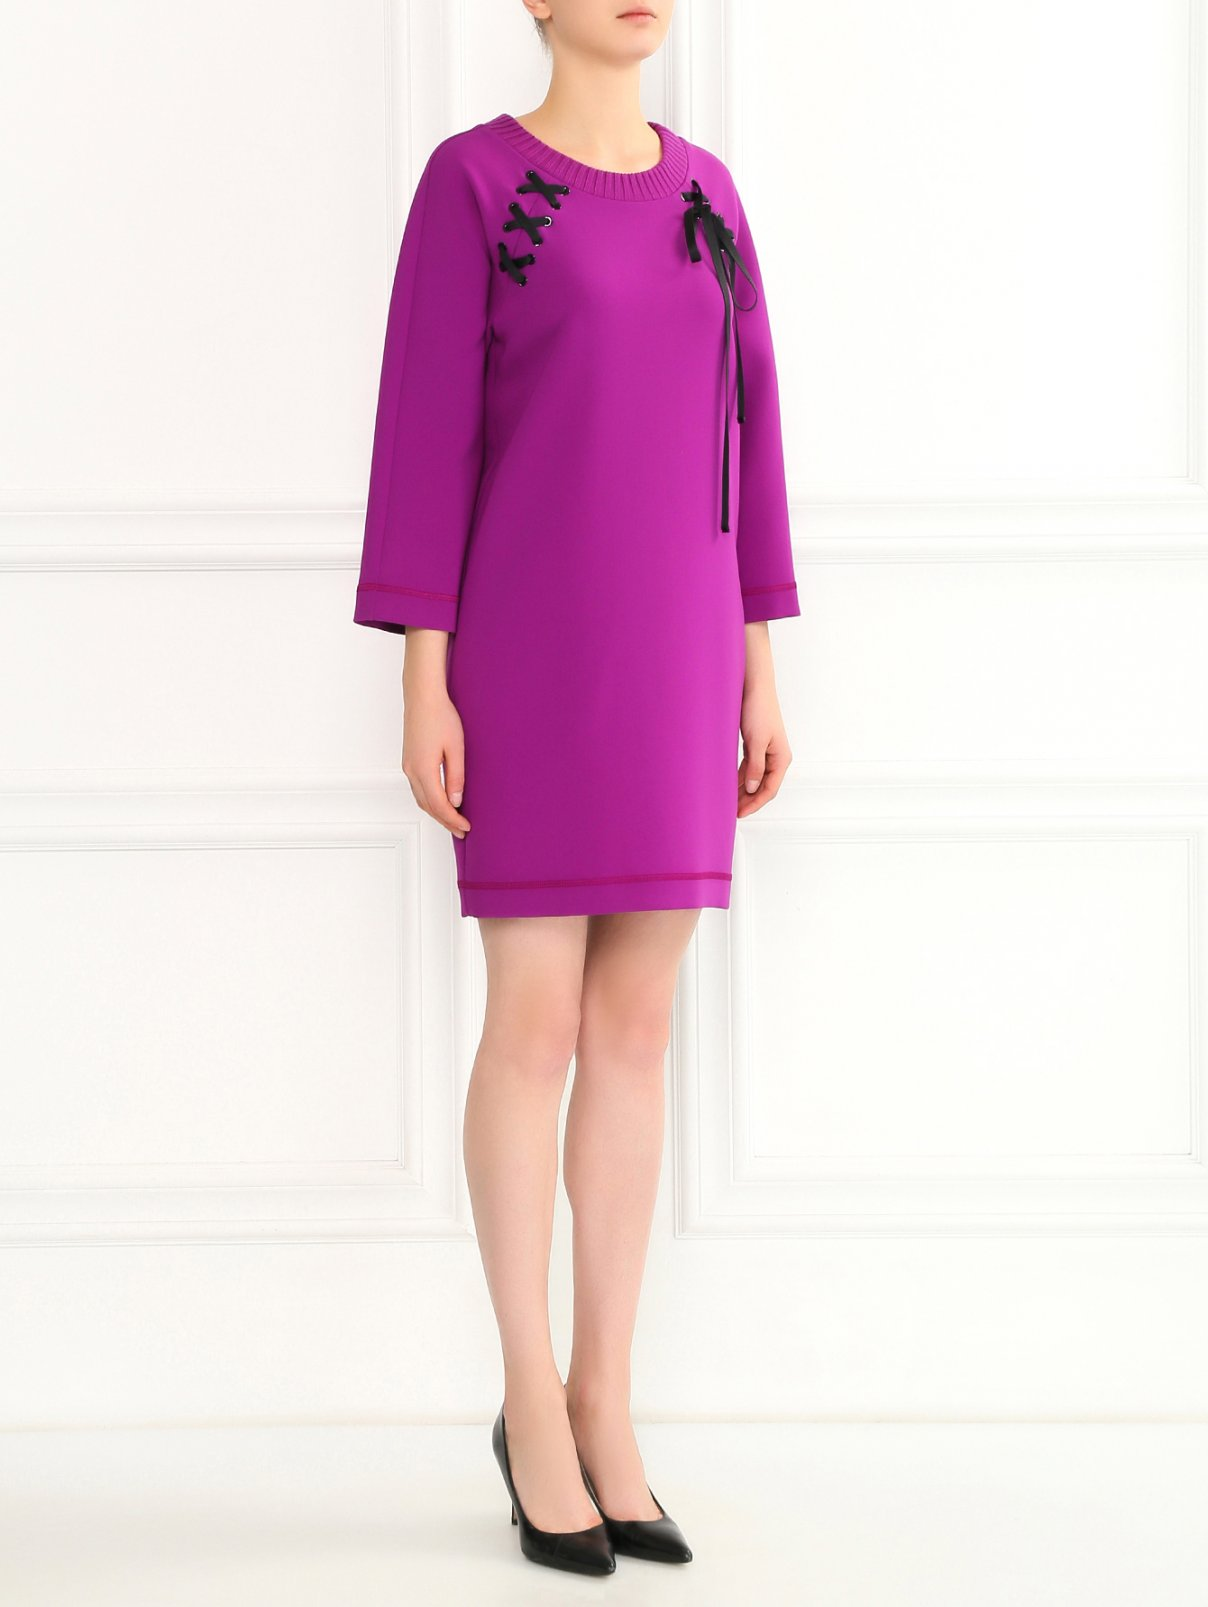 Платье-свитшот с декоративной шнуровкой Moschino Boutique  –  Модель Общий вид